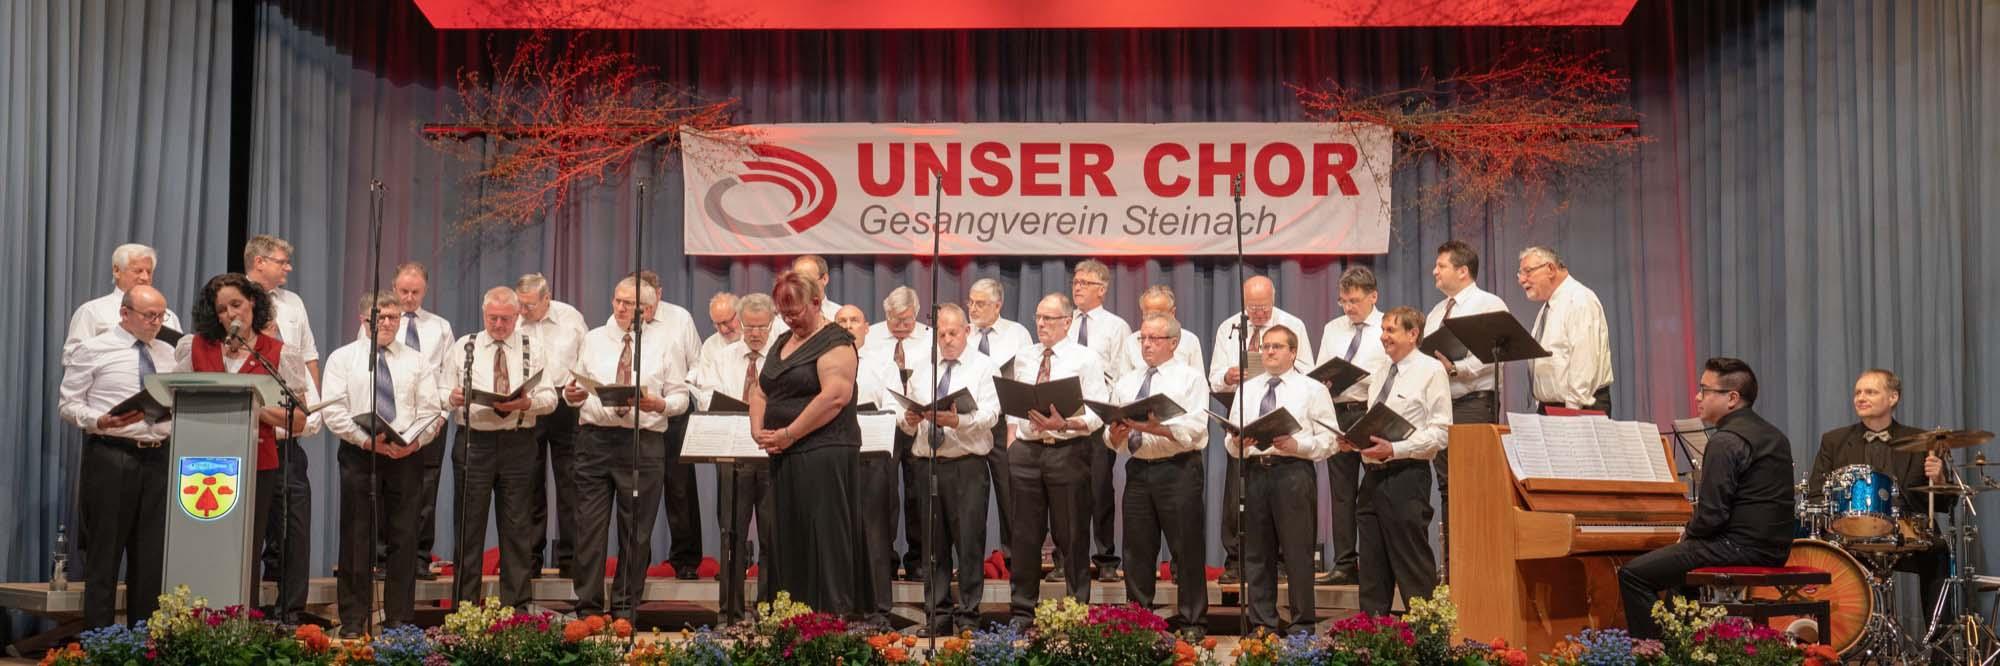 2019-4-18-ST-Steinach-Gerhard Große-Chorkonzert mit MGV Biberach 2 GV Steinach - Männerchor